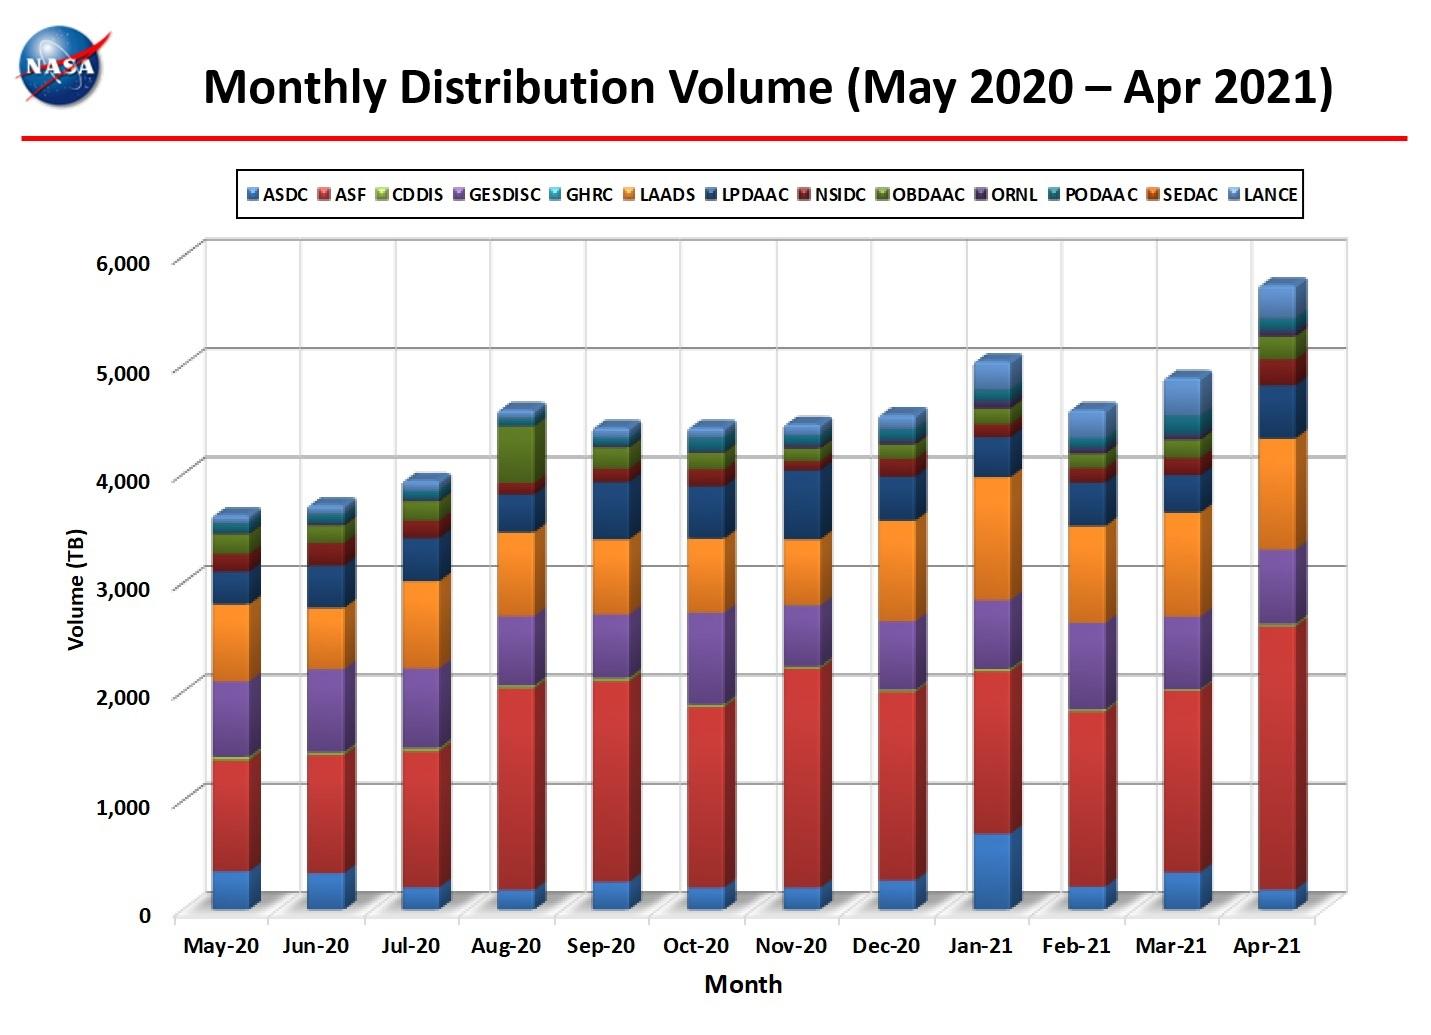 Monthly Distro Volume 1-2021